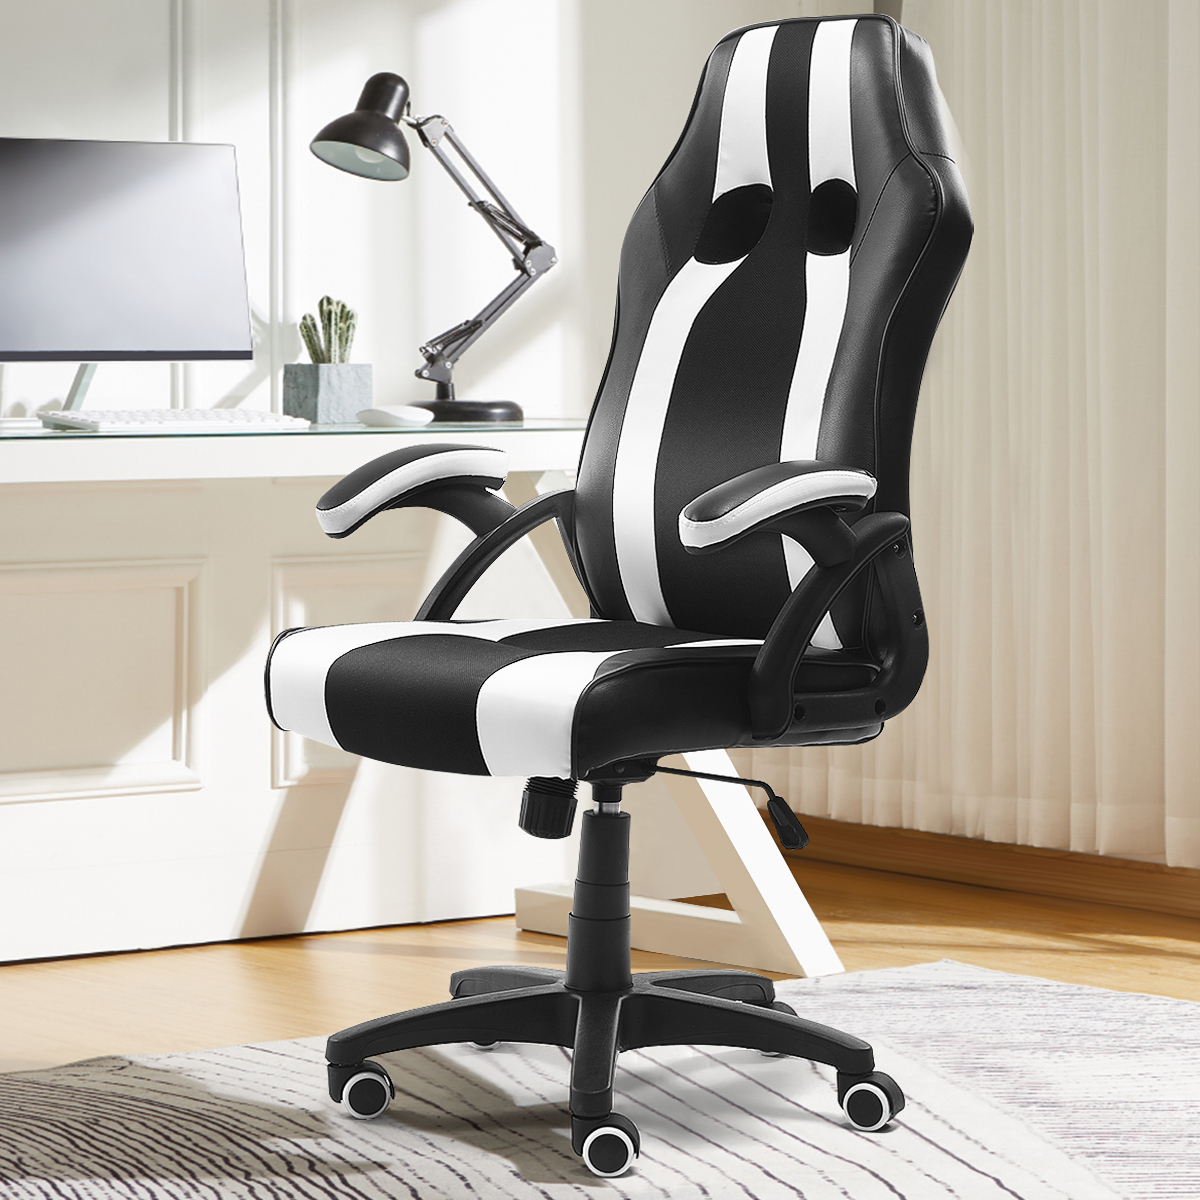 Bureaustoelen Verstelbare Liggende Gaming Stoel Swivel Hoge Rug Executive Bureau Computer Stoel Fauteuils Meubels